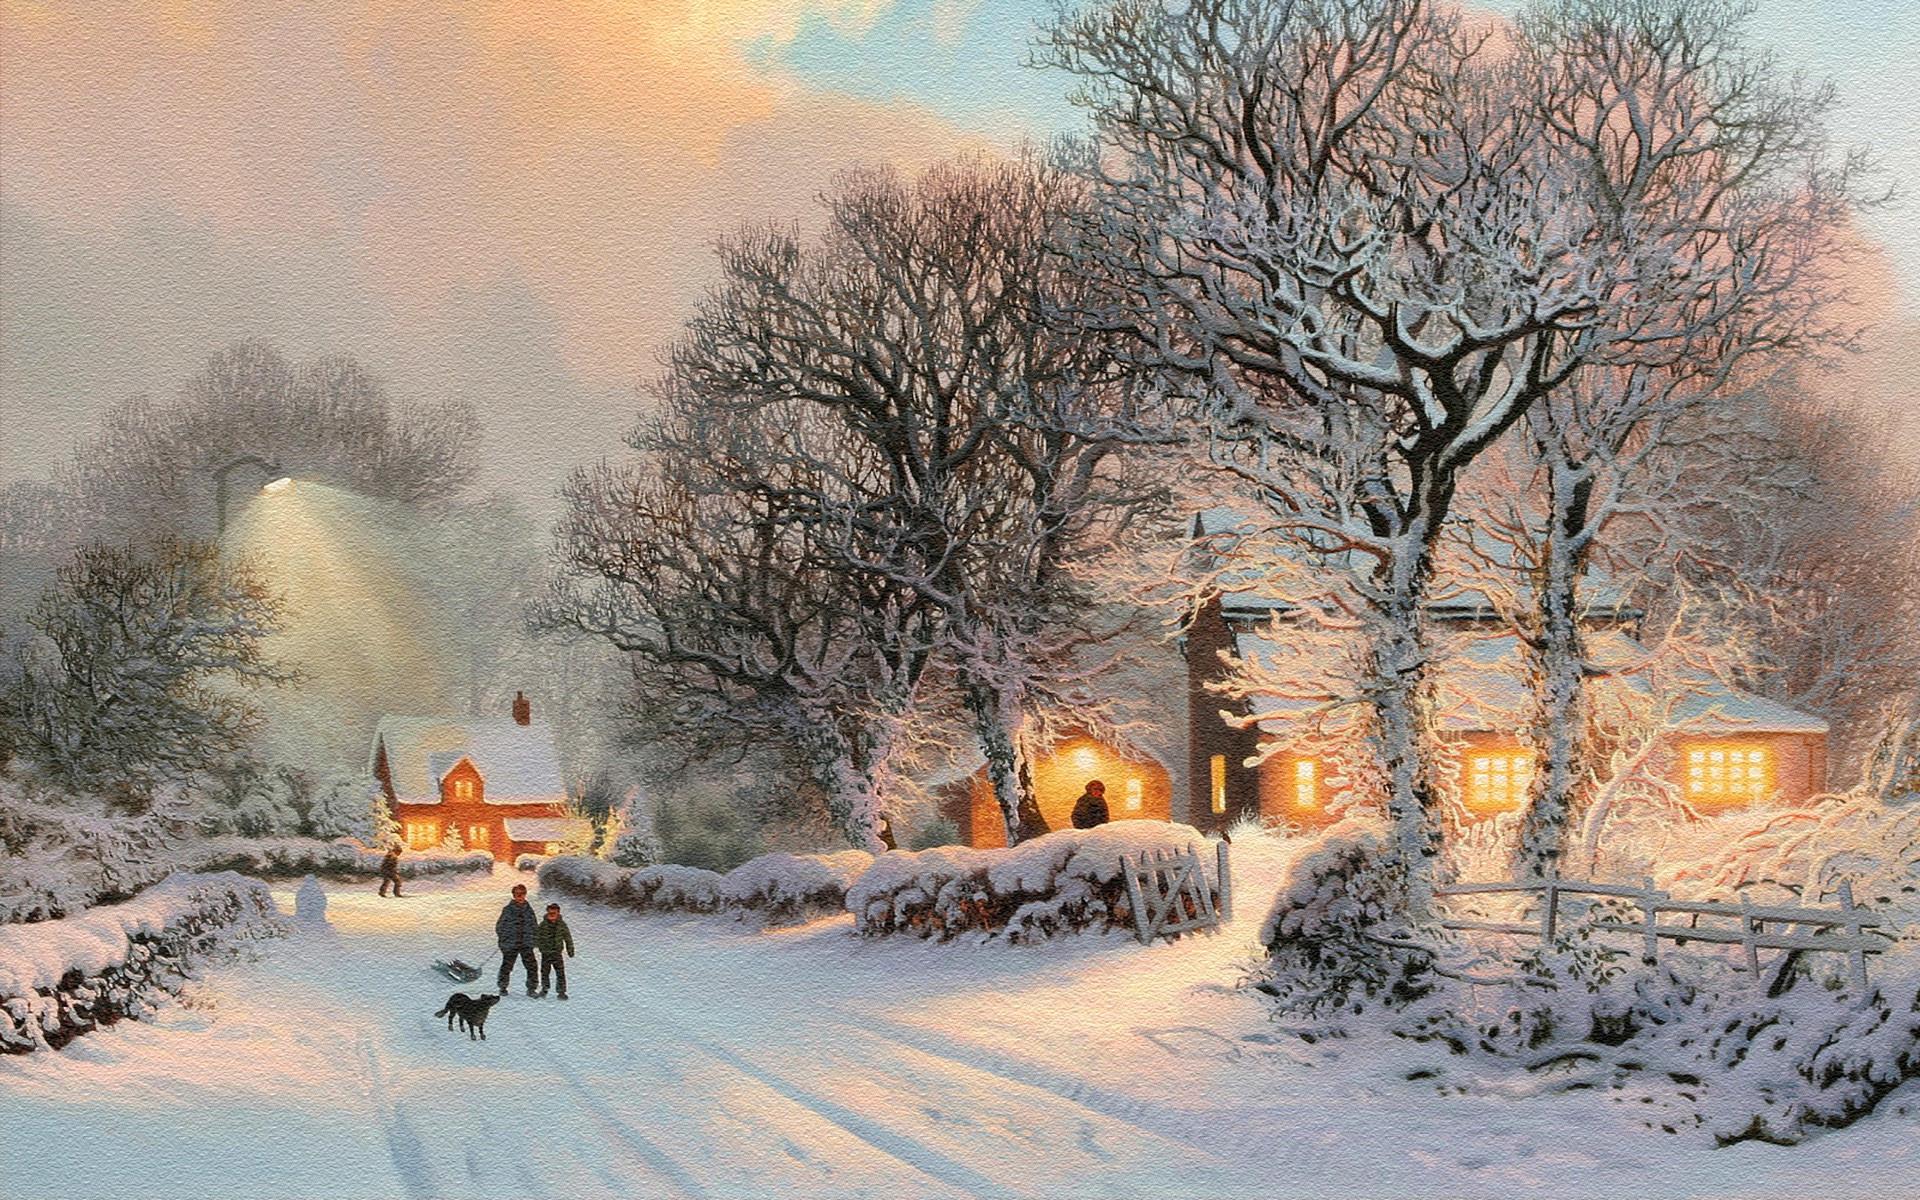 winter wallpaper desktop – www.wallpapers-in-hd.com